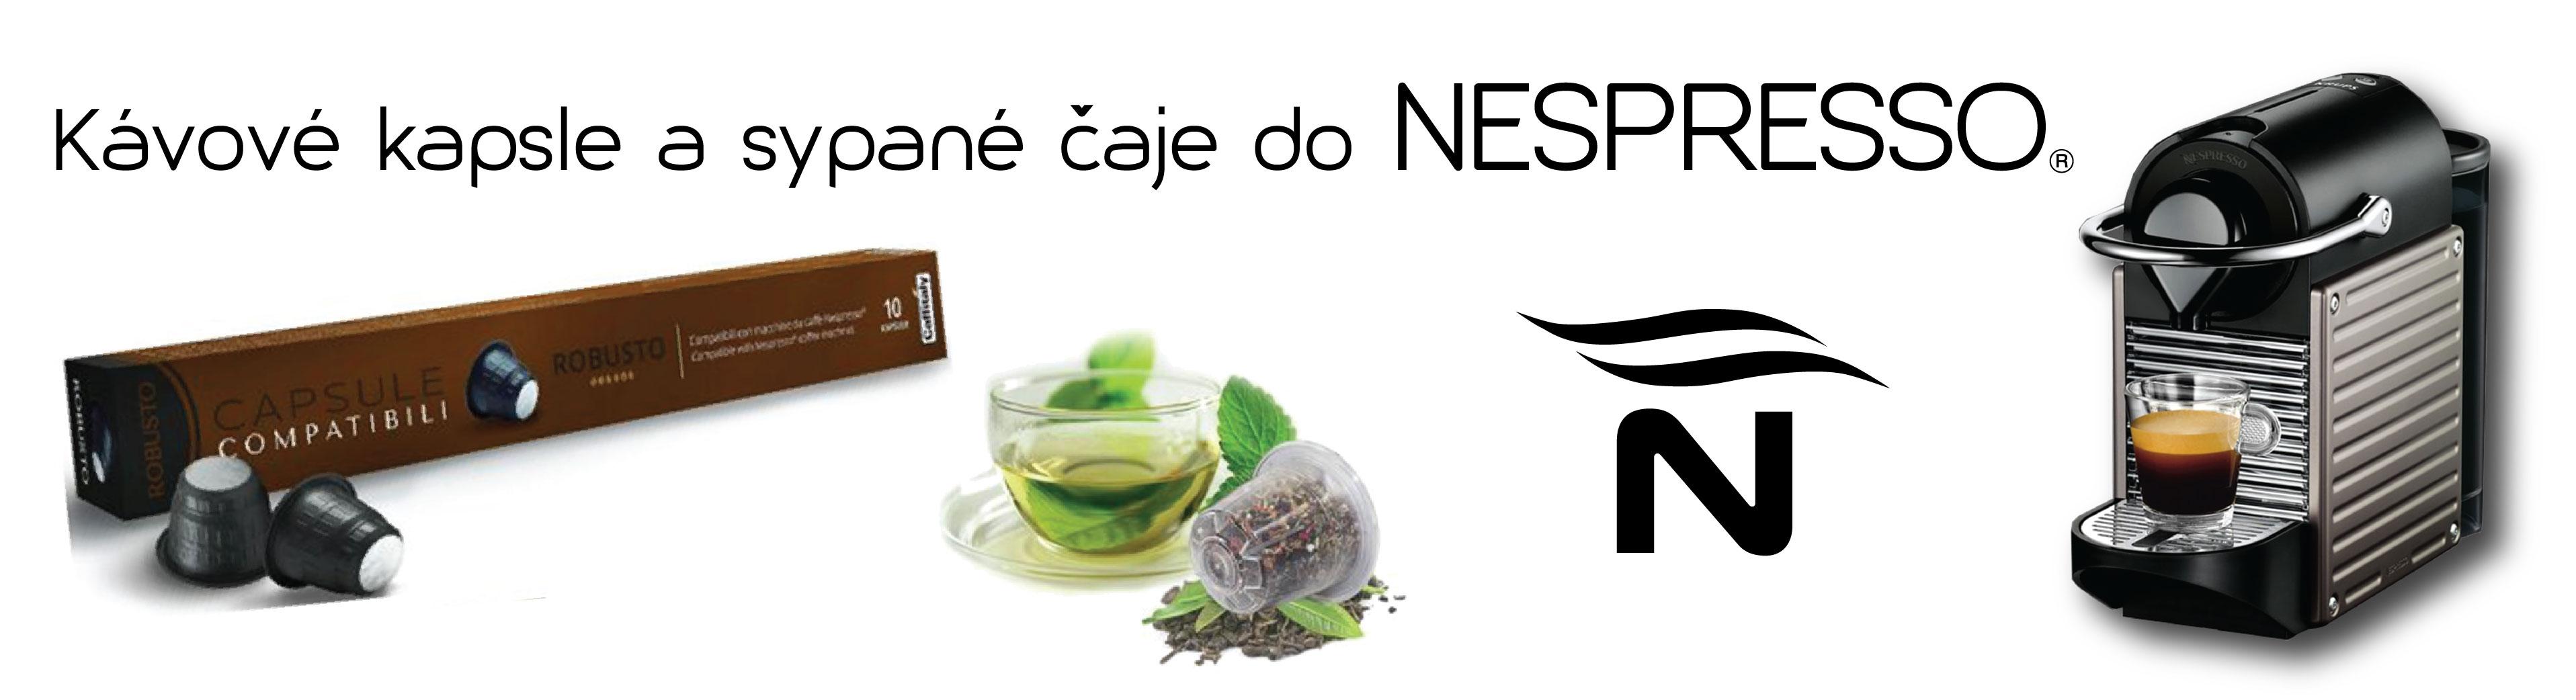 Kávové kapsle do Nespresso